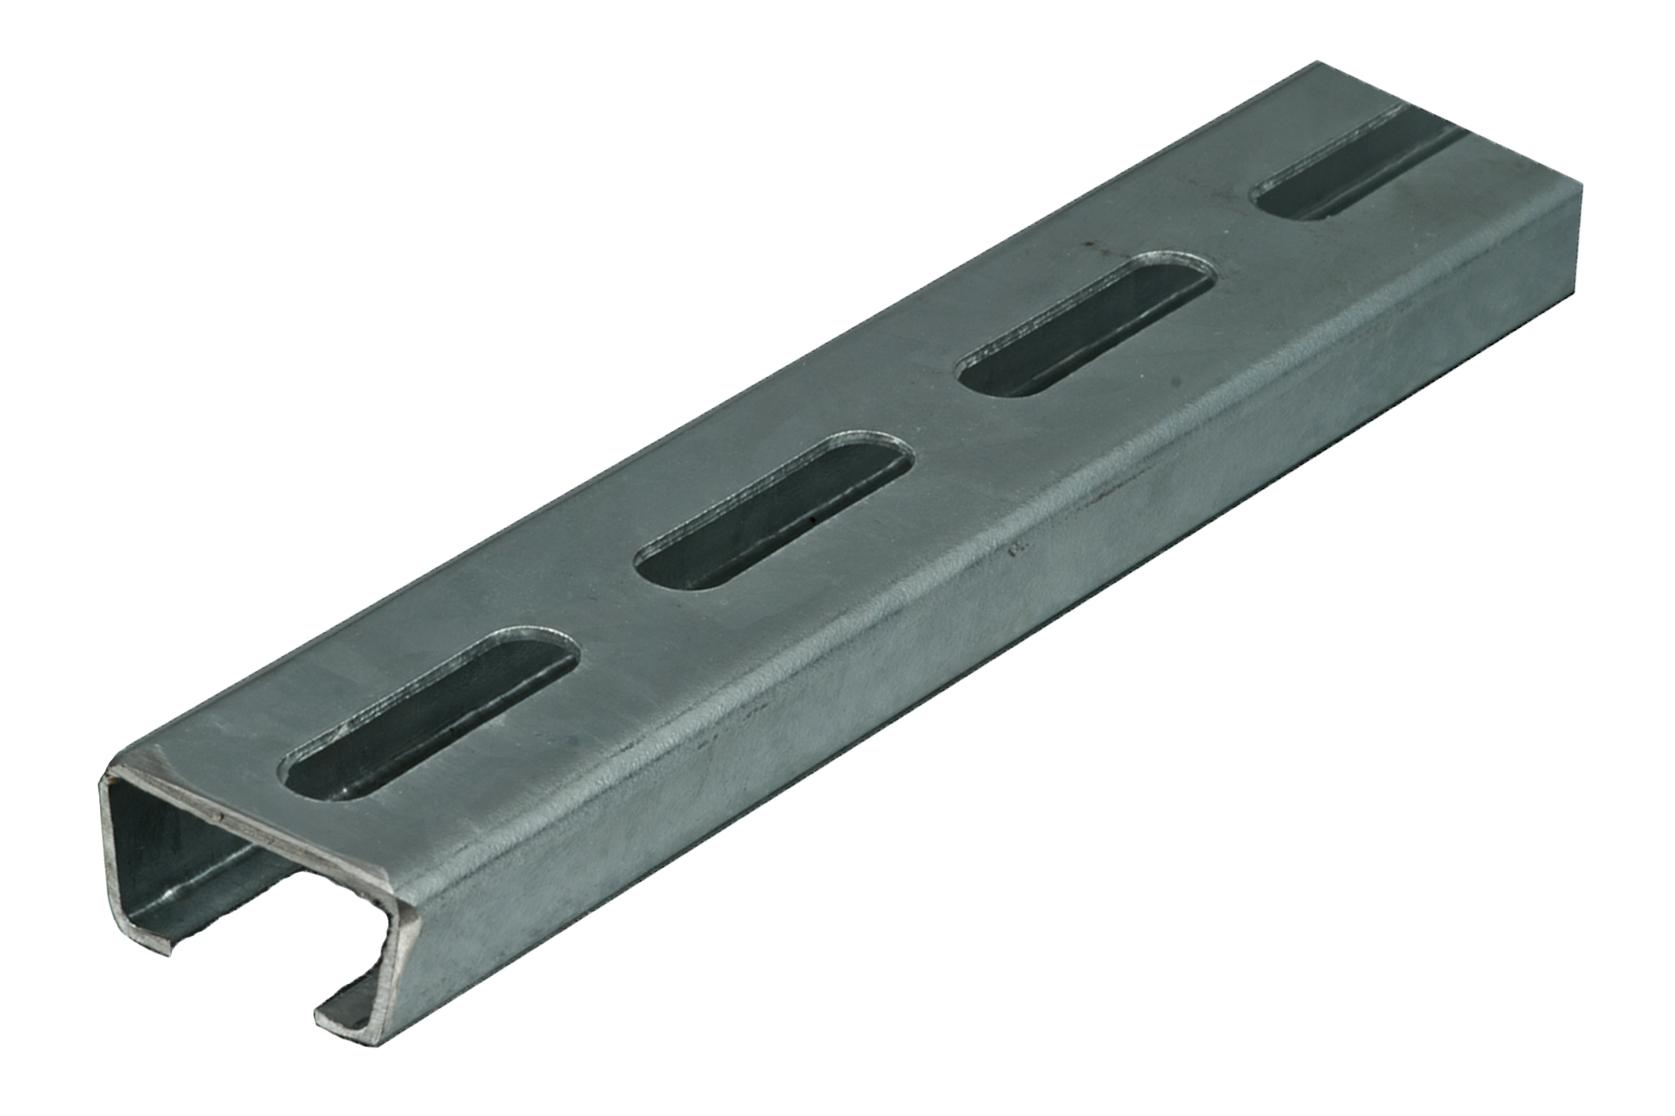 C-Profilschiene, gelocht 16,5 mm